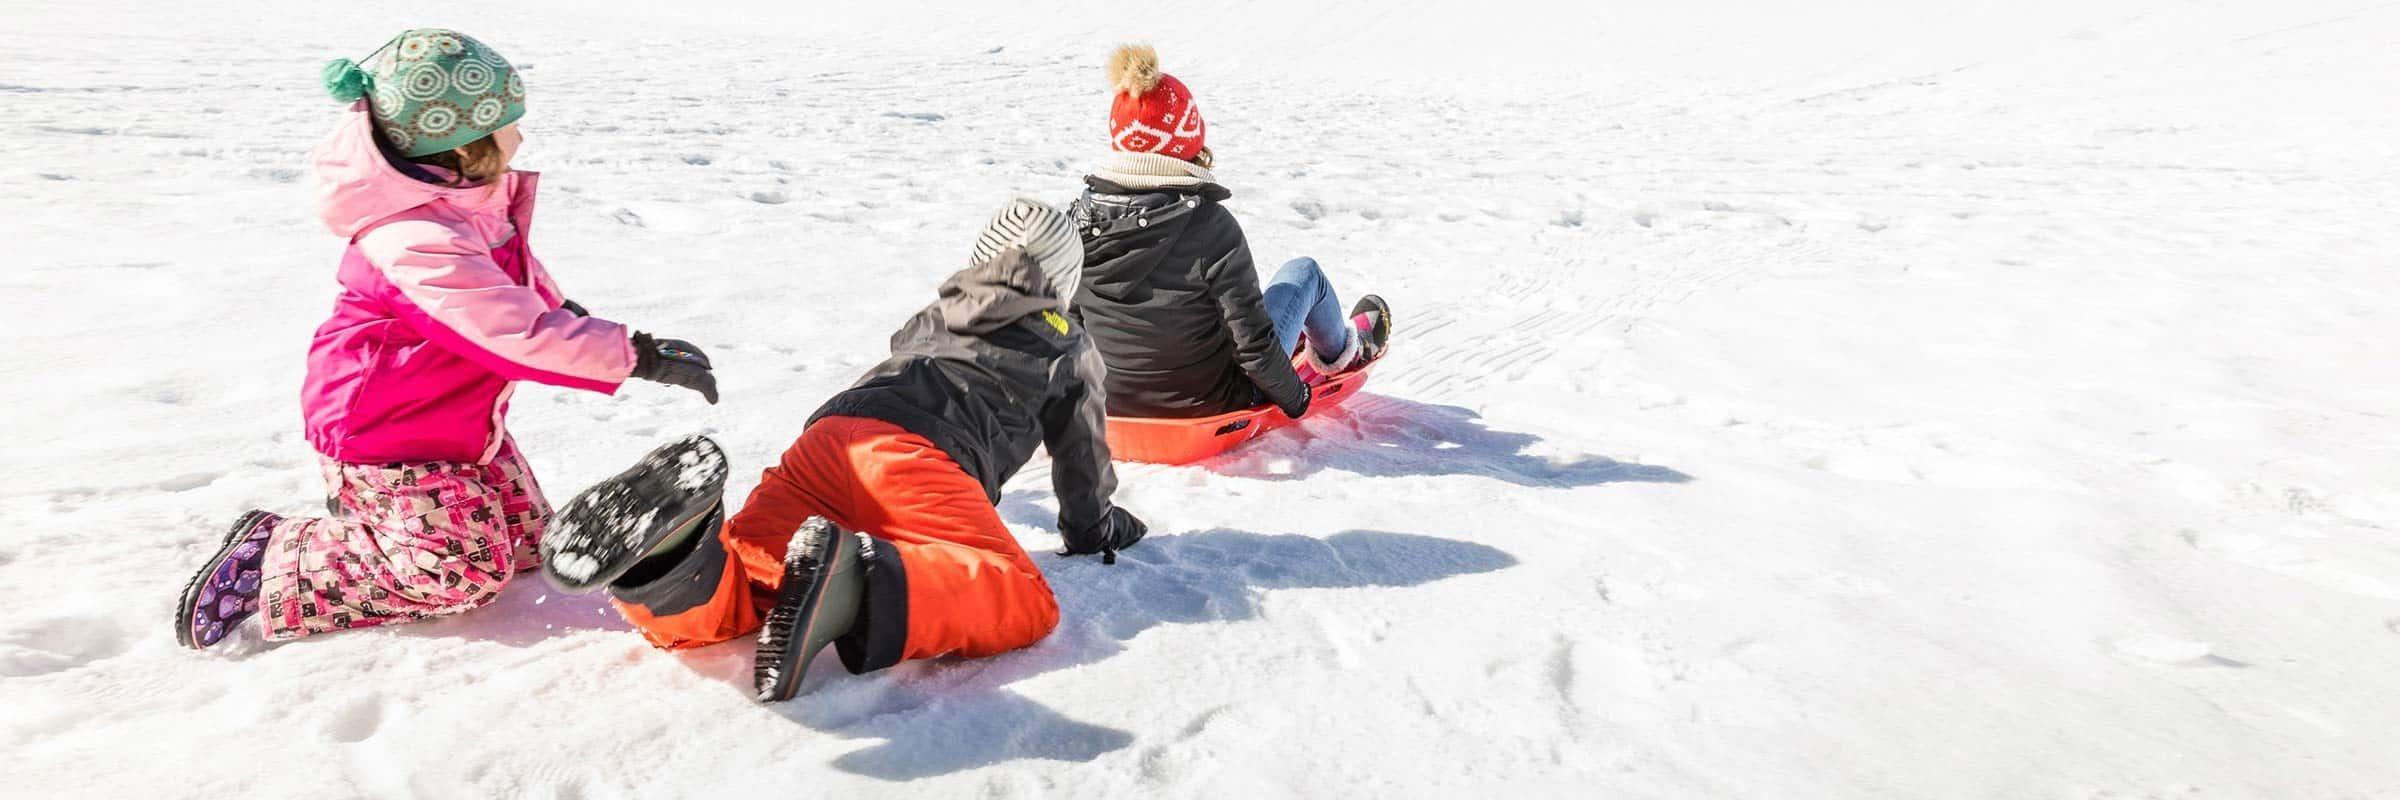 Bogs, Enfants, Hiver, Kamik, Sorel. Top 3 des bottes pour enfants: pour rester au chaud pendant les saisons froides